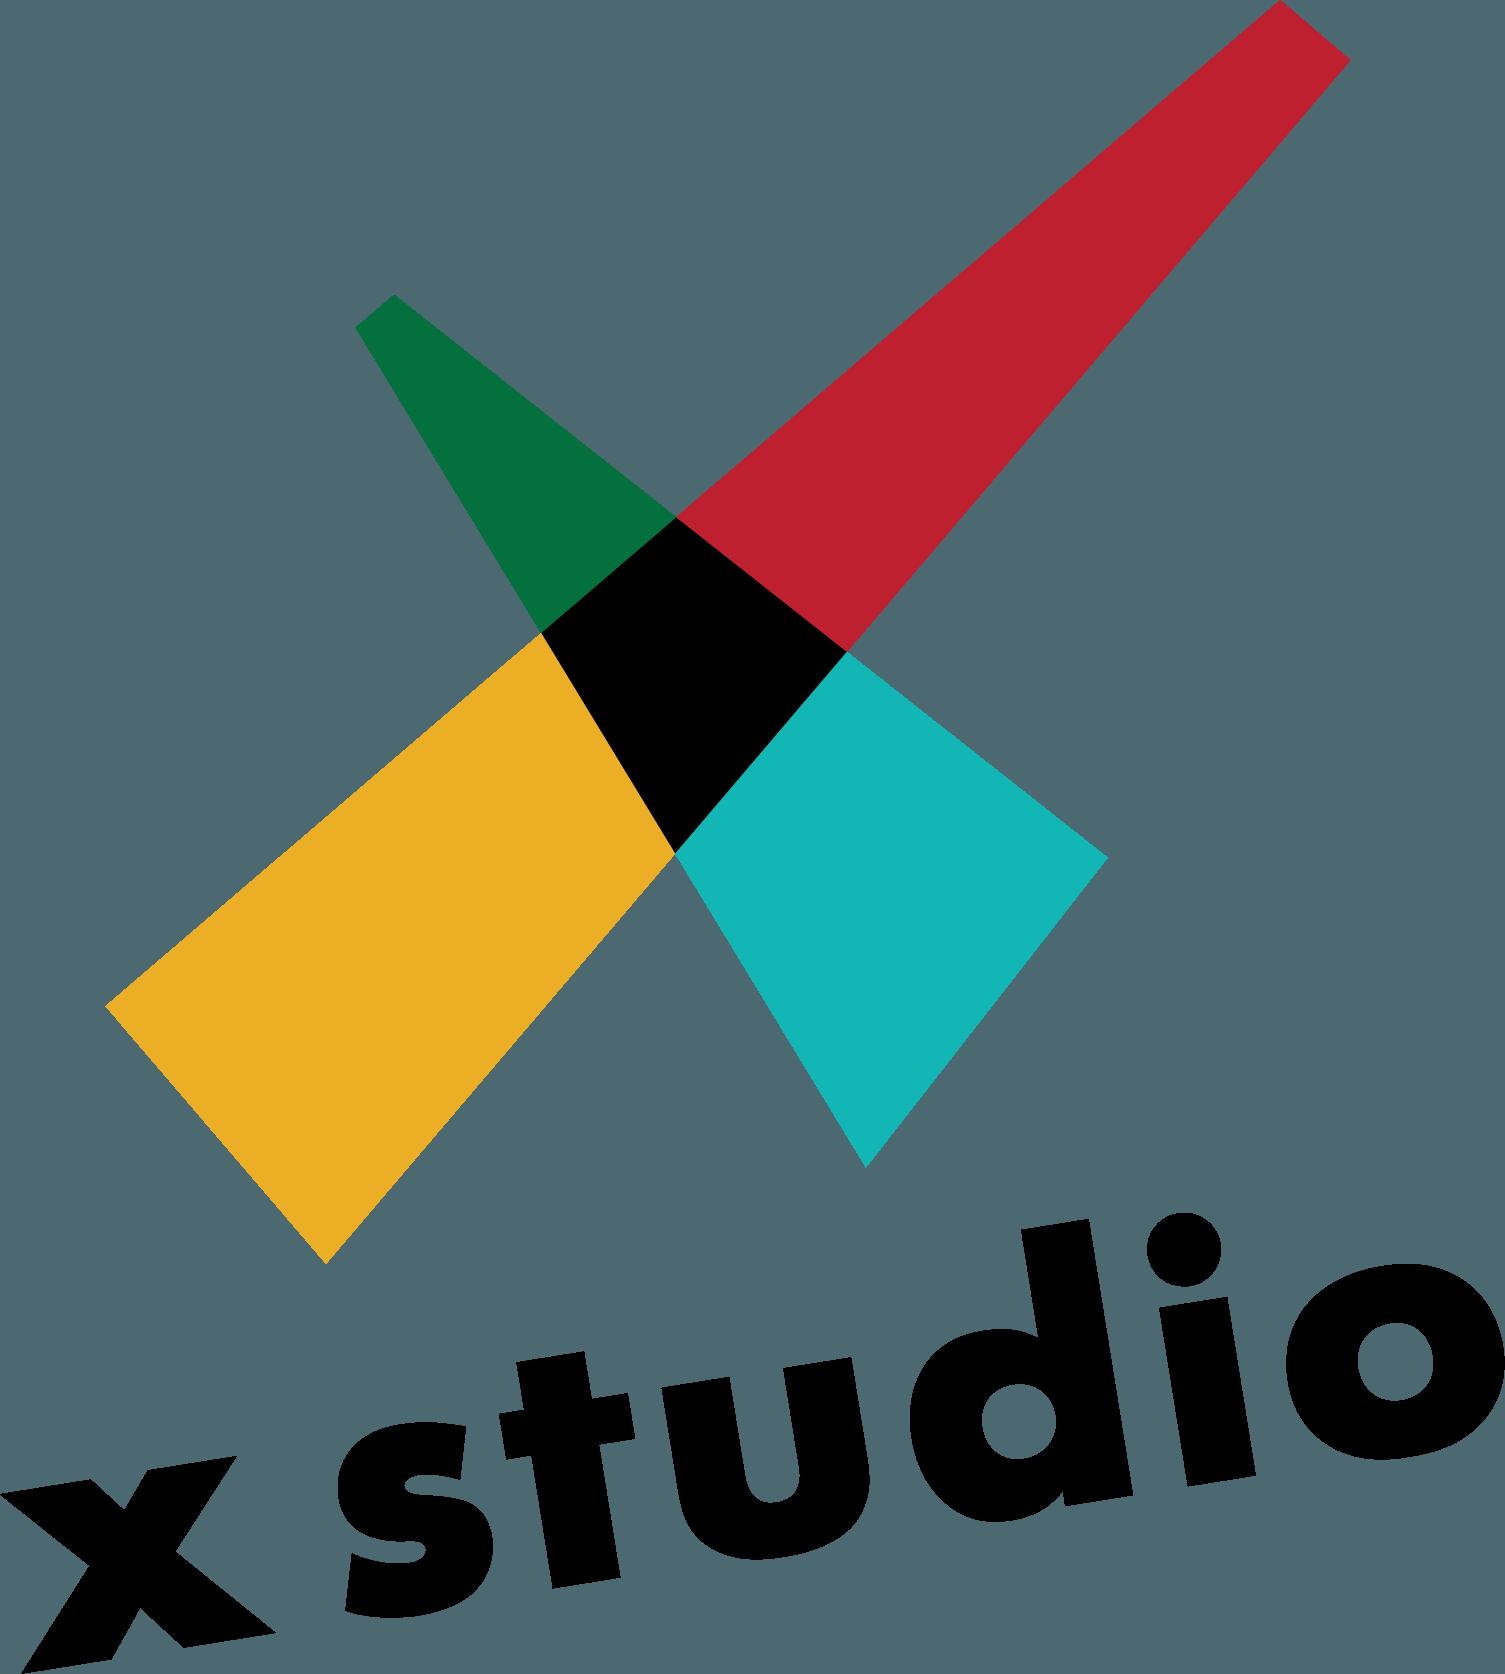 X Studio